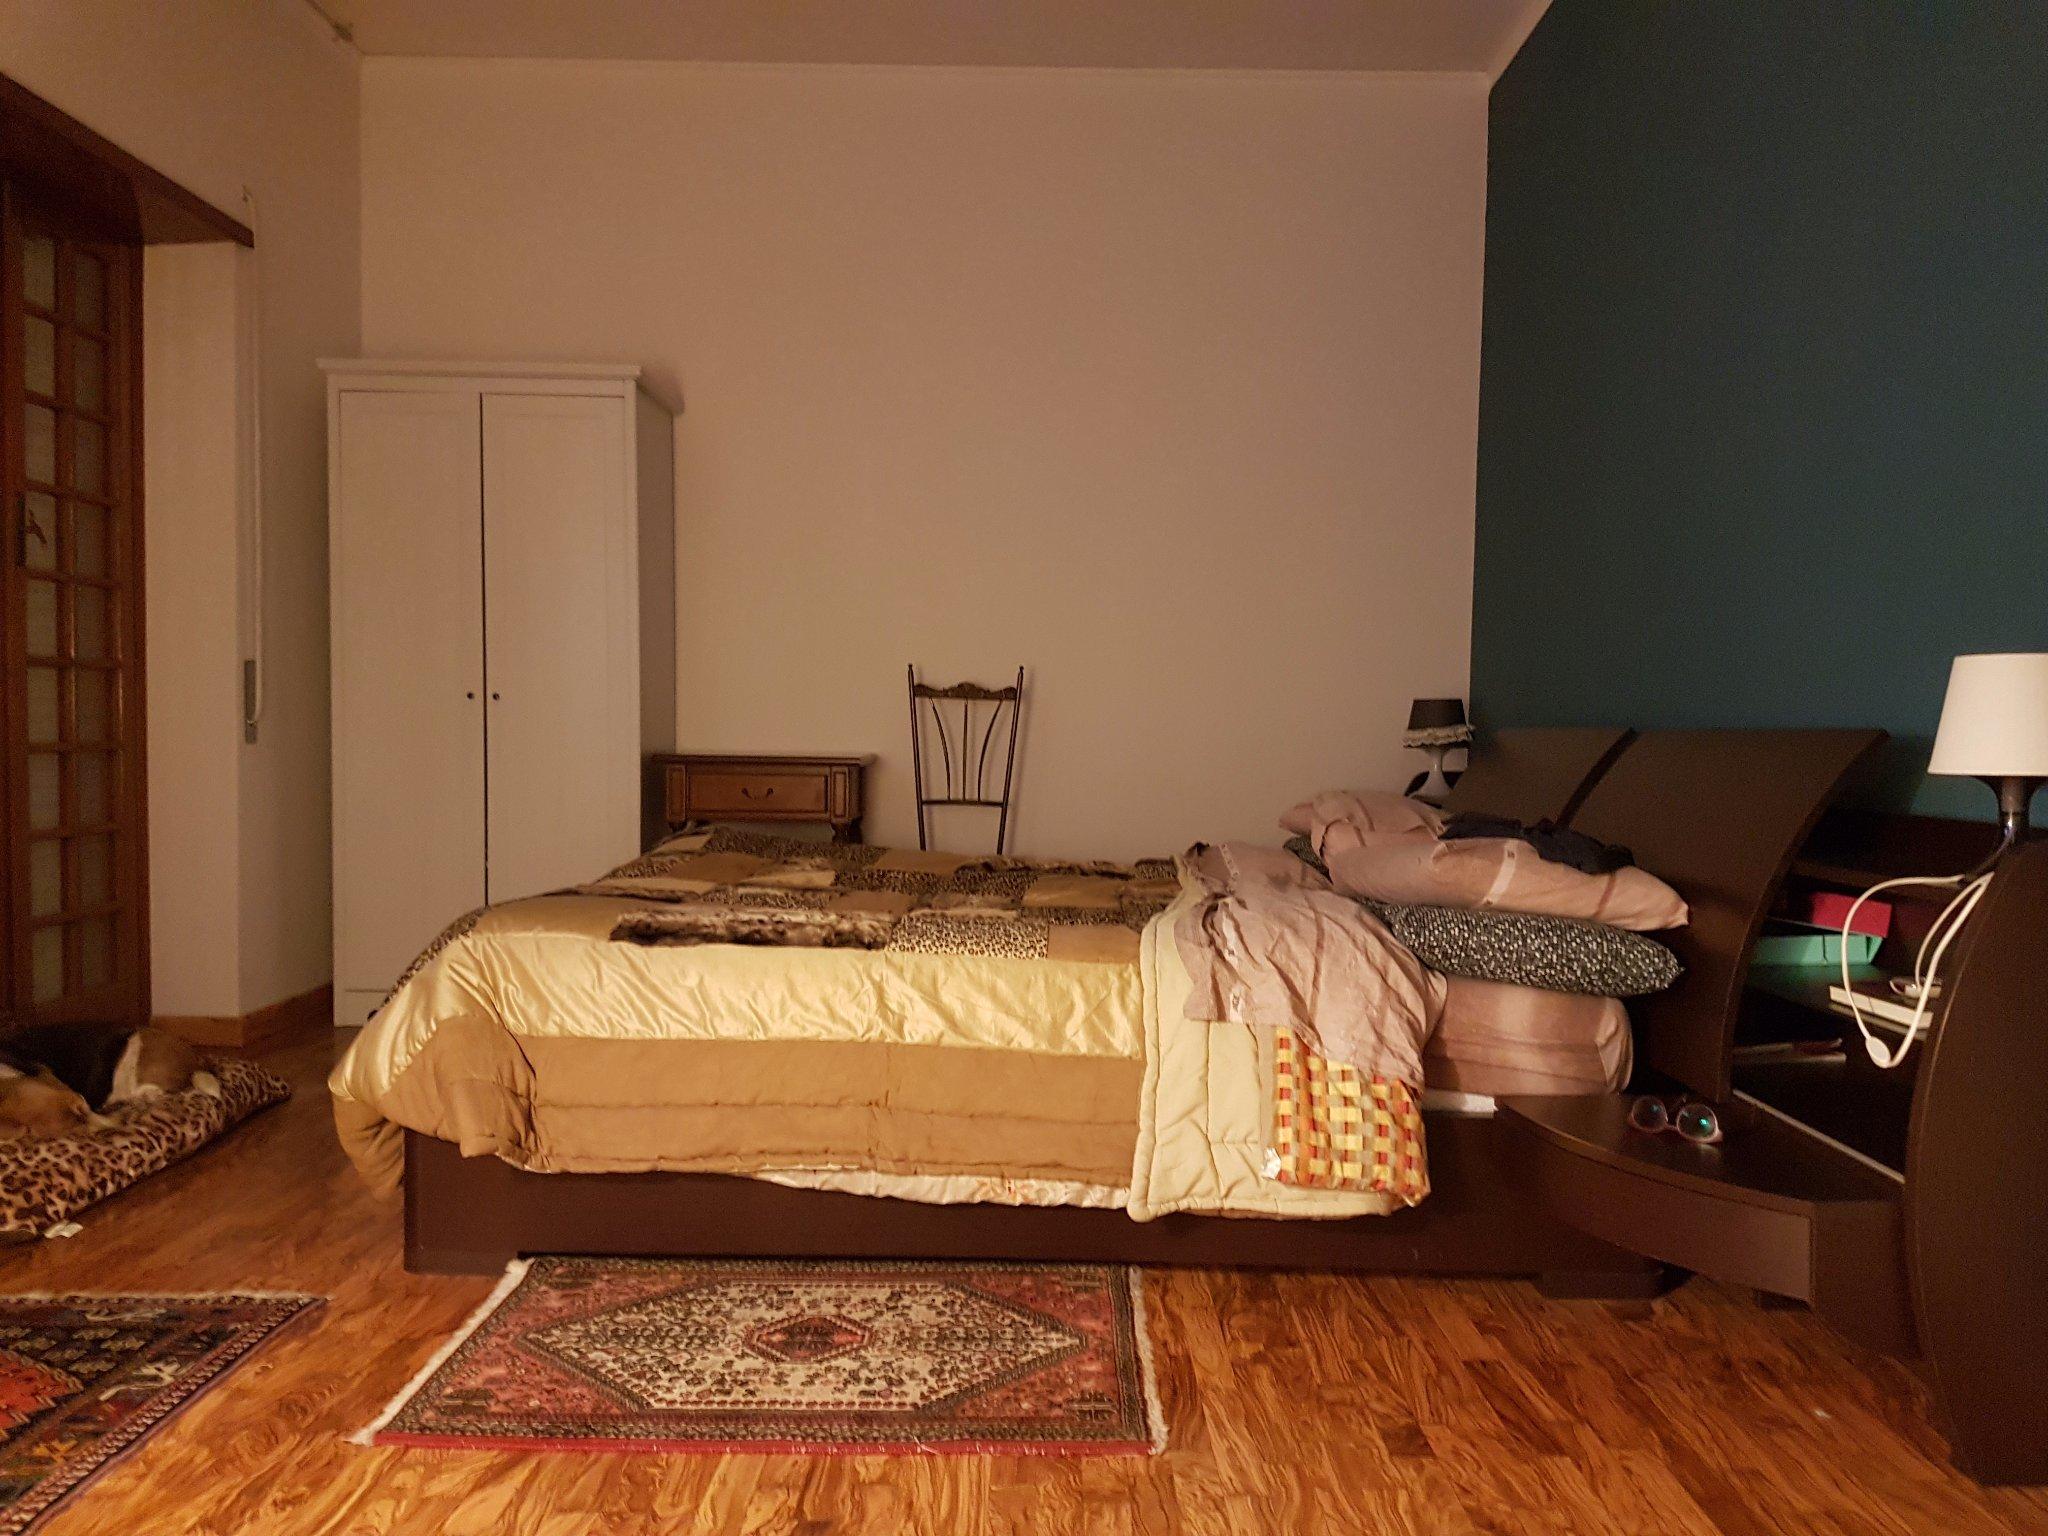 insonorizzare camera da letto - instapro - Insonorizzare Camera Da Letto